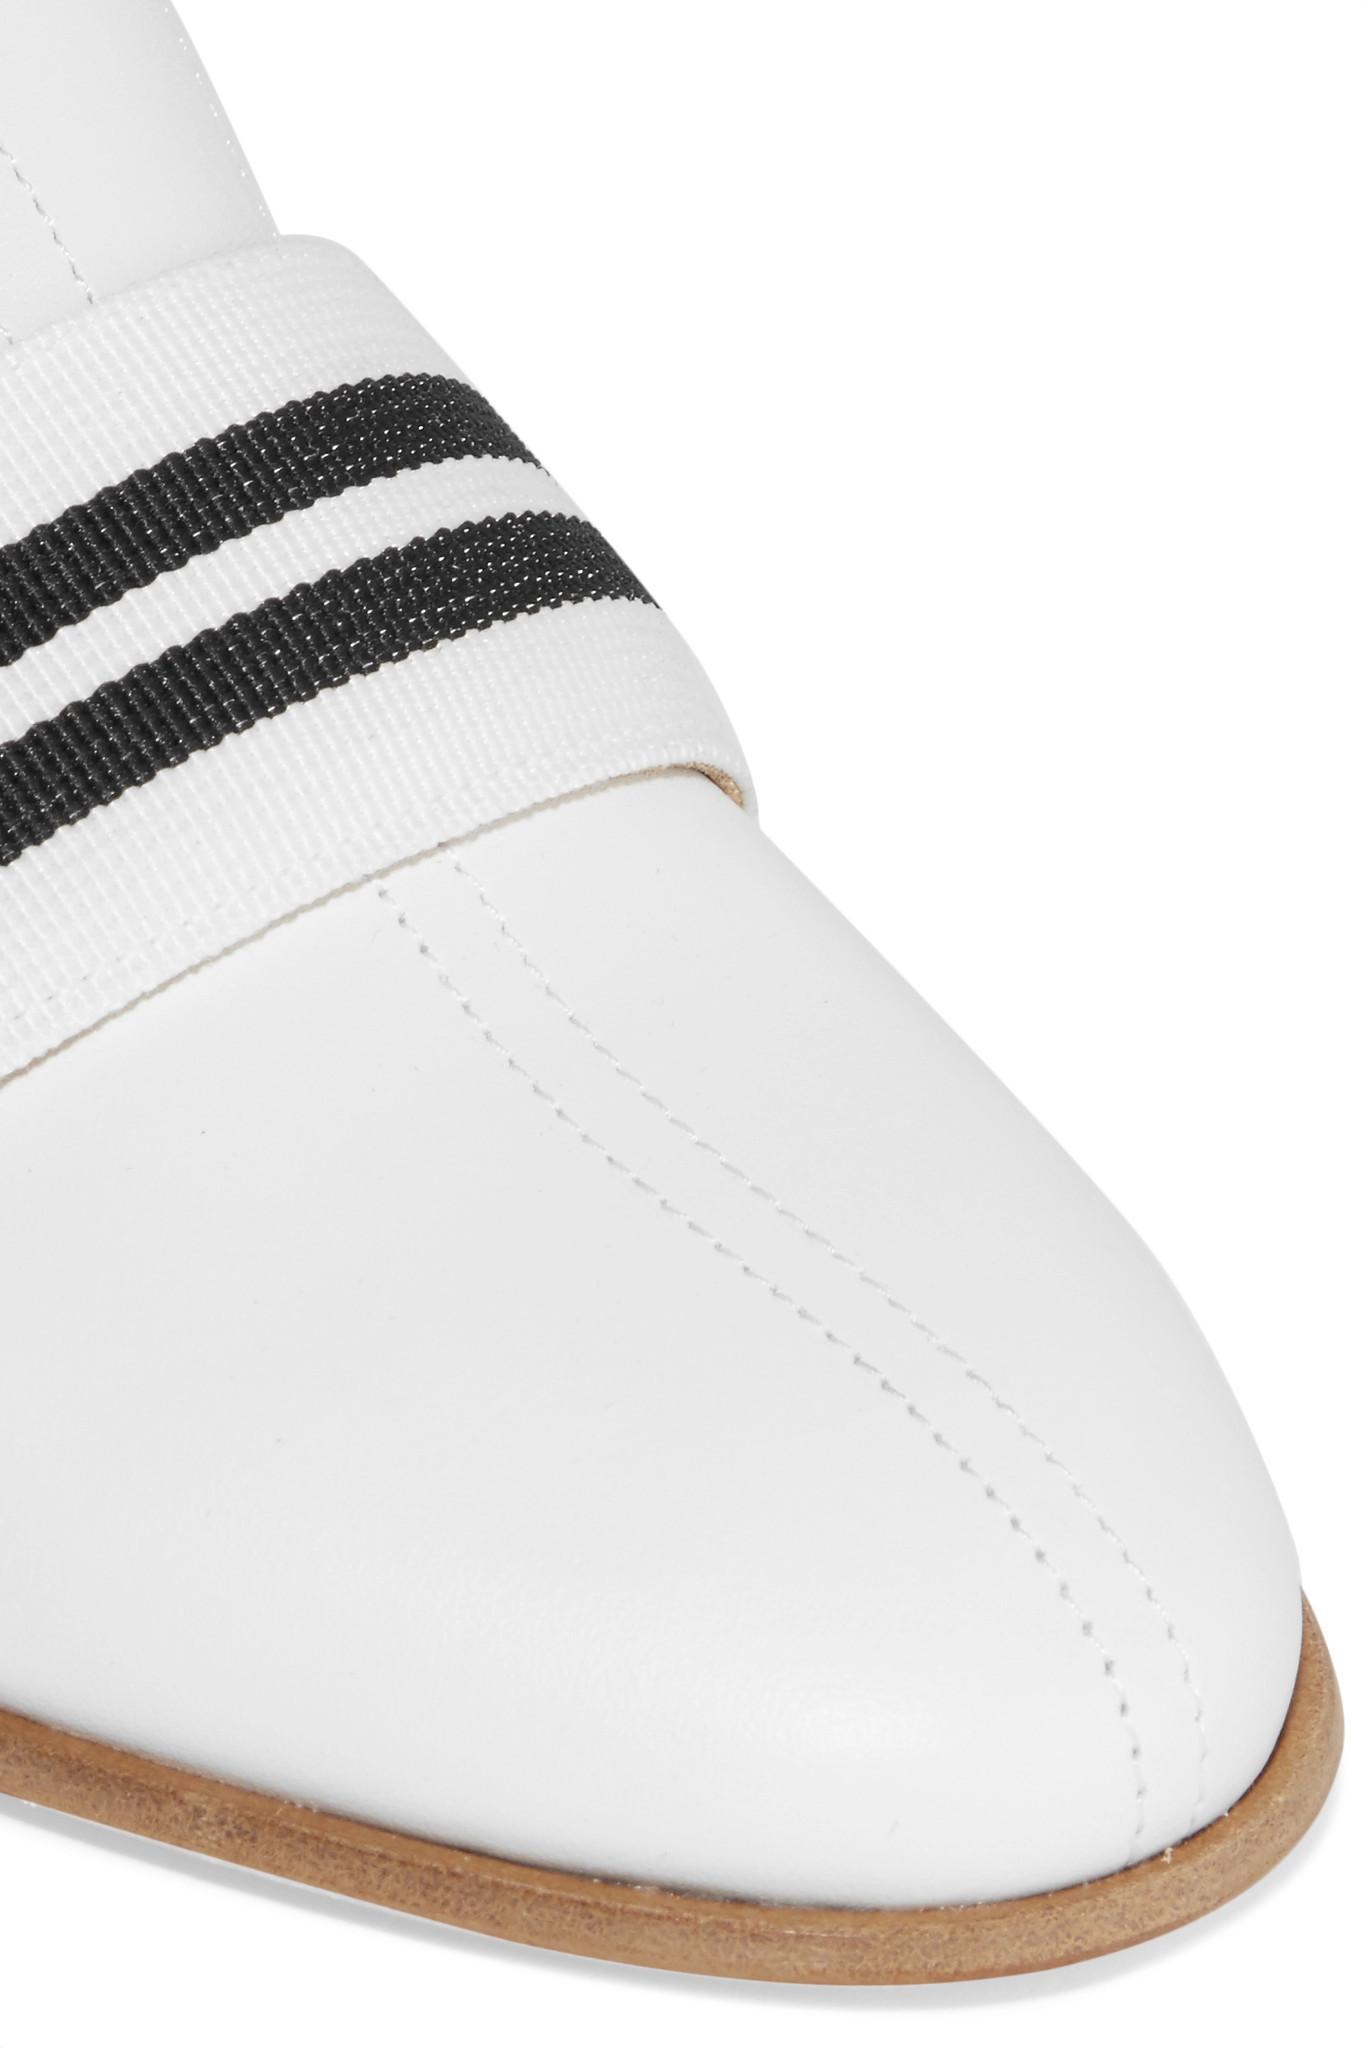 e2fcb36482 Rag & Bone Amber Grosgrain-trimmed Leather Slippers in White - Lyst